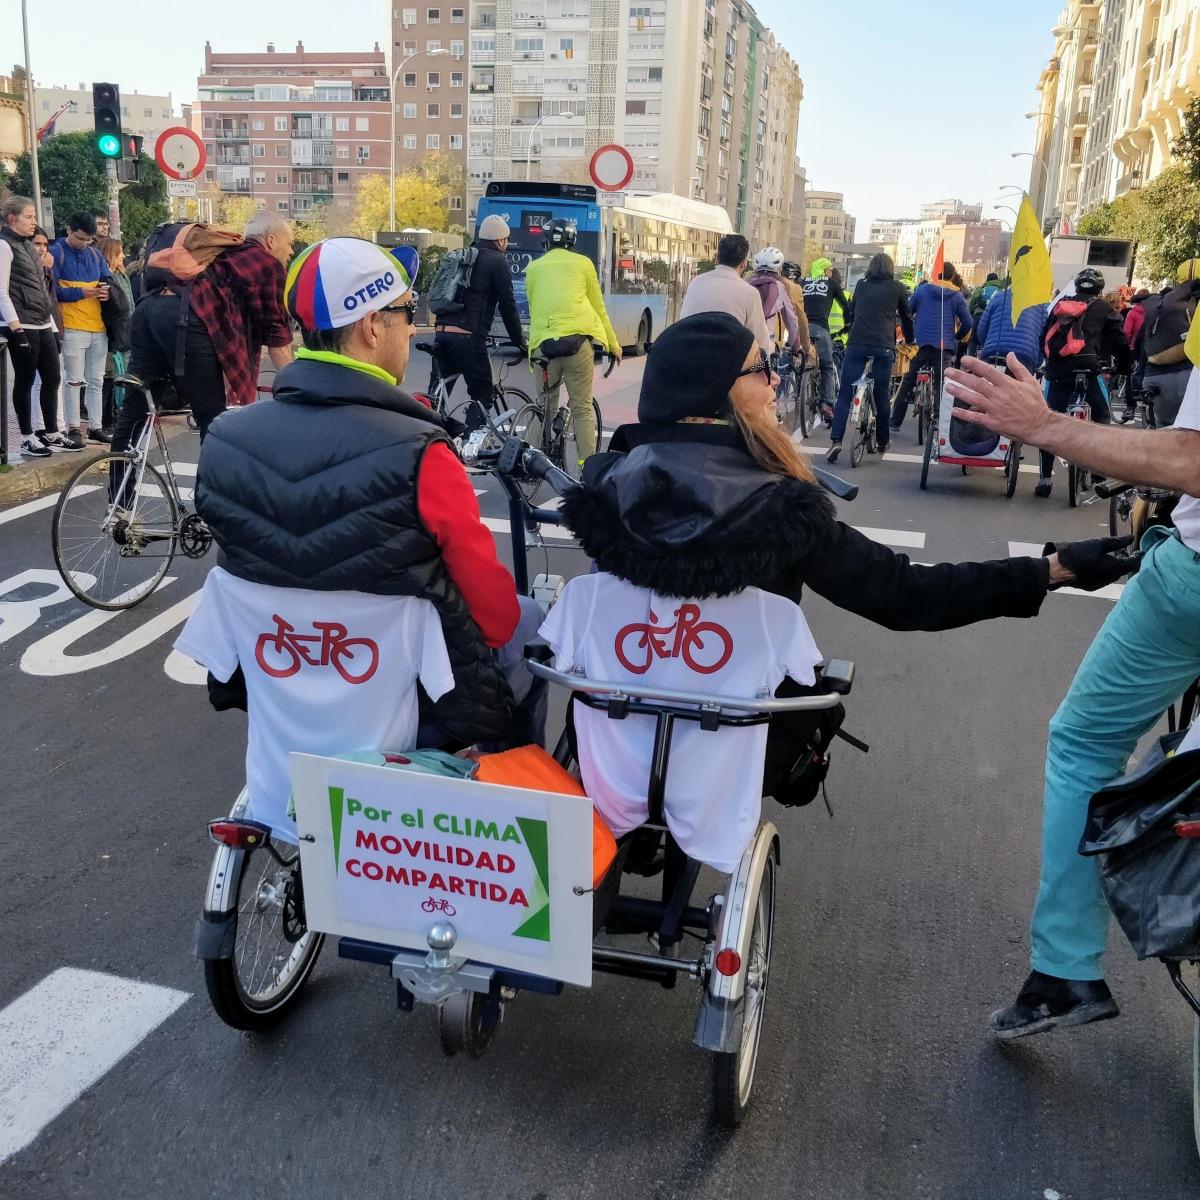 Transformando el espacio: Ciudades colaborativas, movilidad inclusiva ycohousing